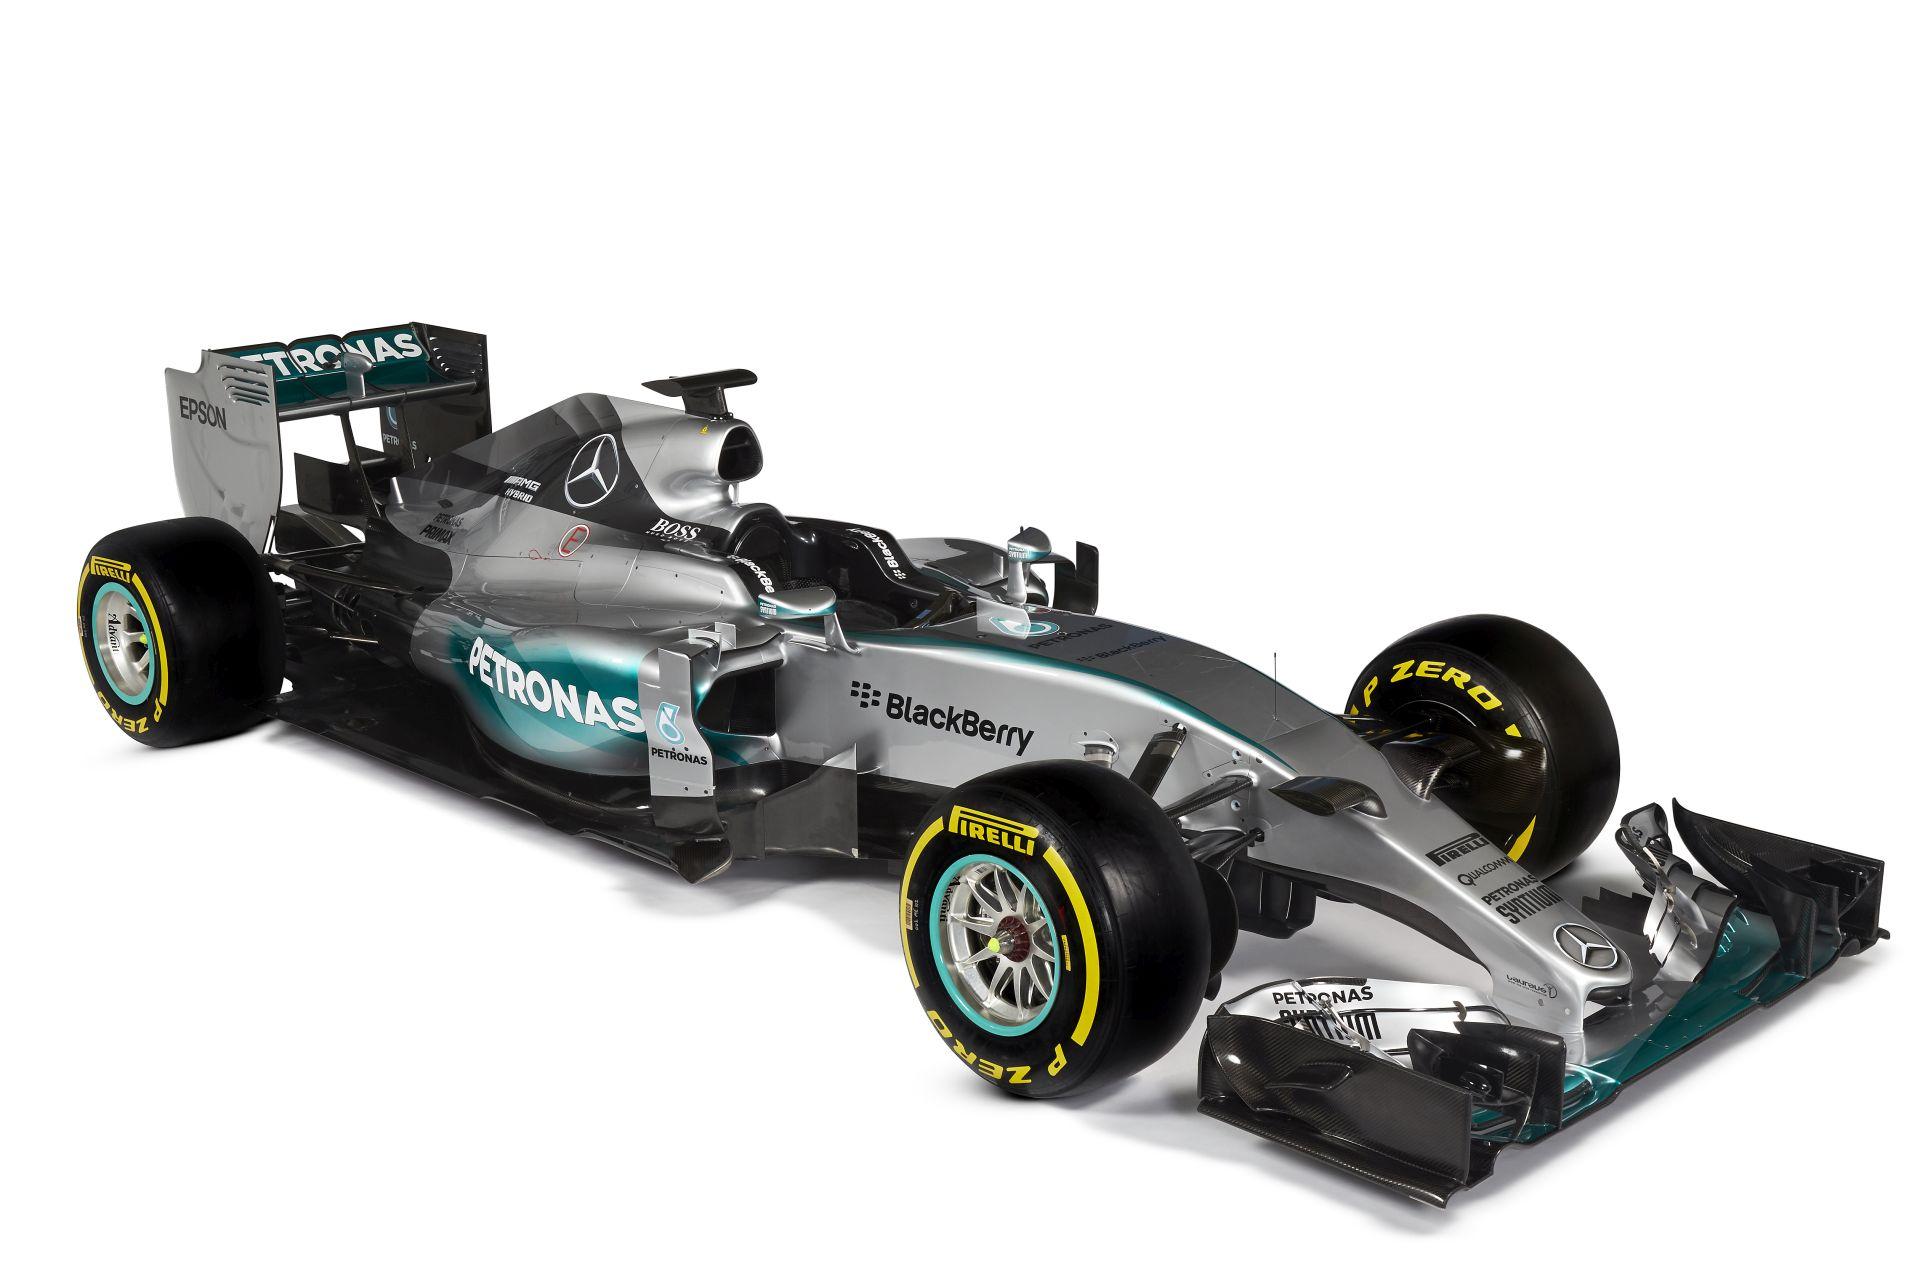 Hivatalos stúdióképek a legújabb F1-es Mercedesről és a motorról: W06